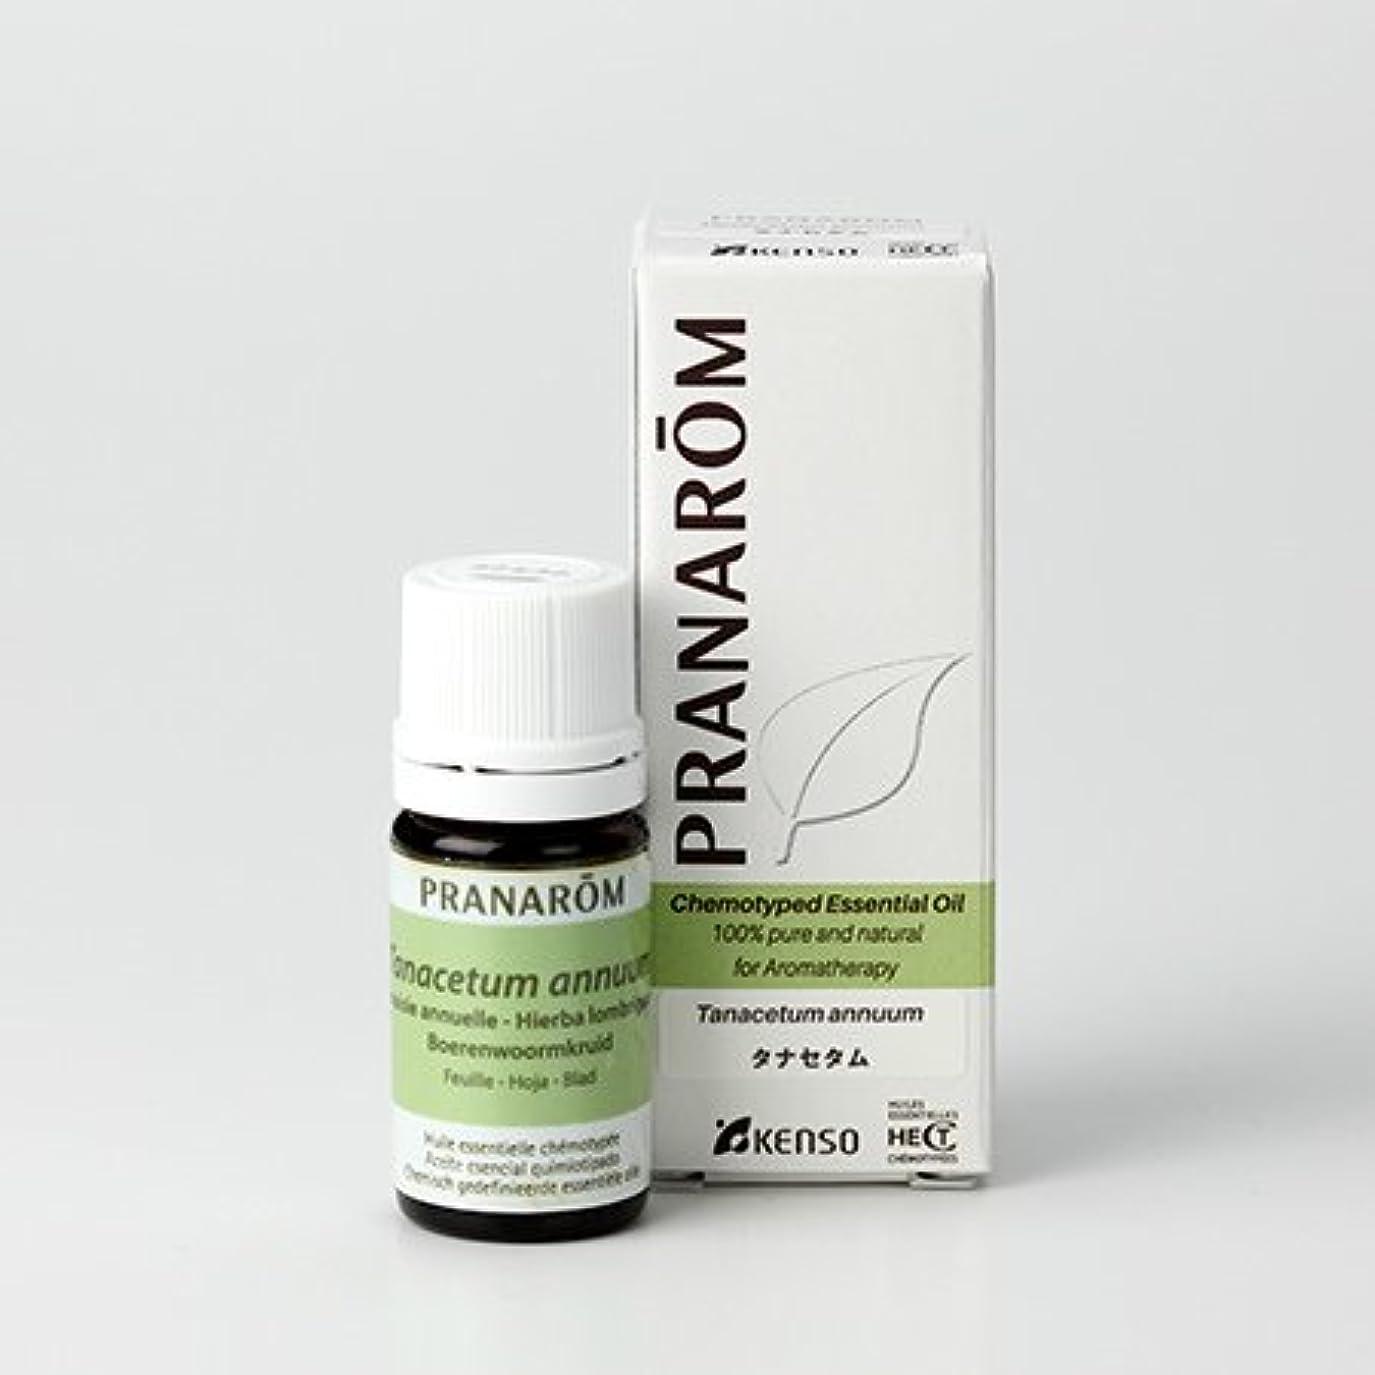 バンド夜間間接的プラナロム タナセタム 5ml (PRANAROM ケモタイプ精油)